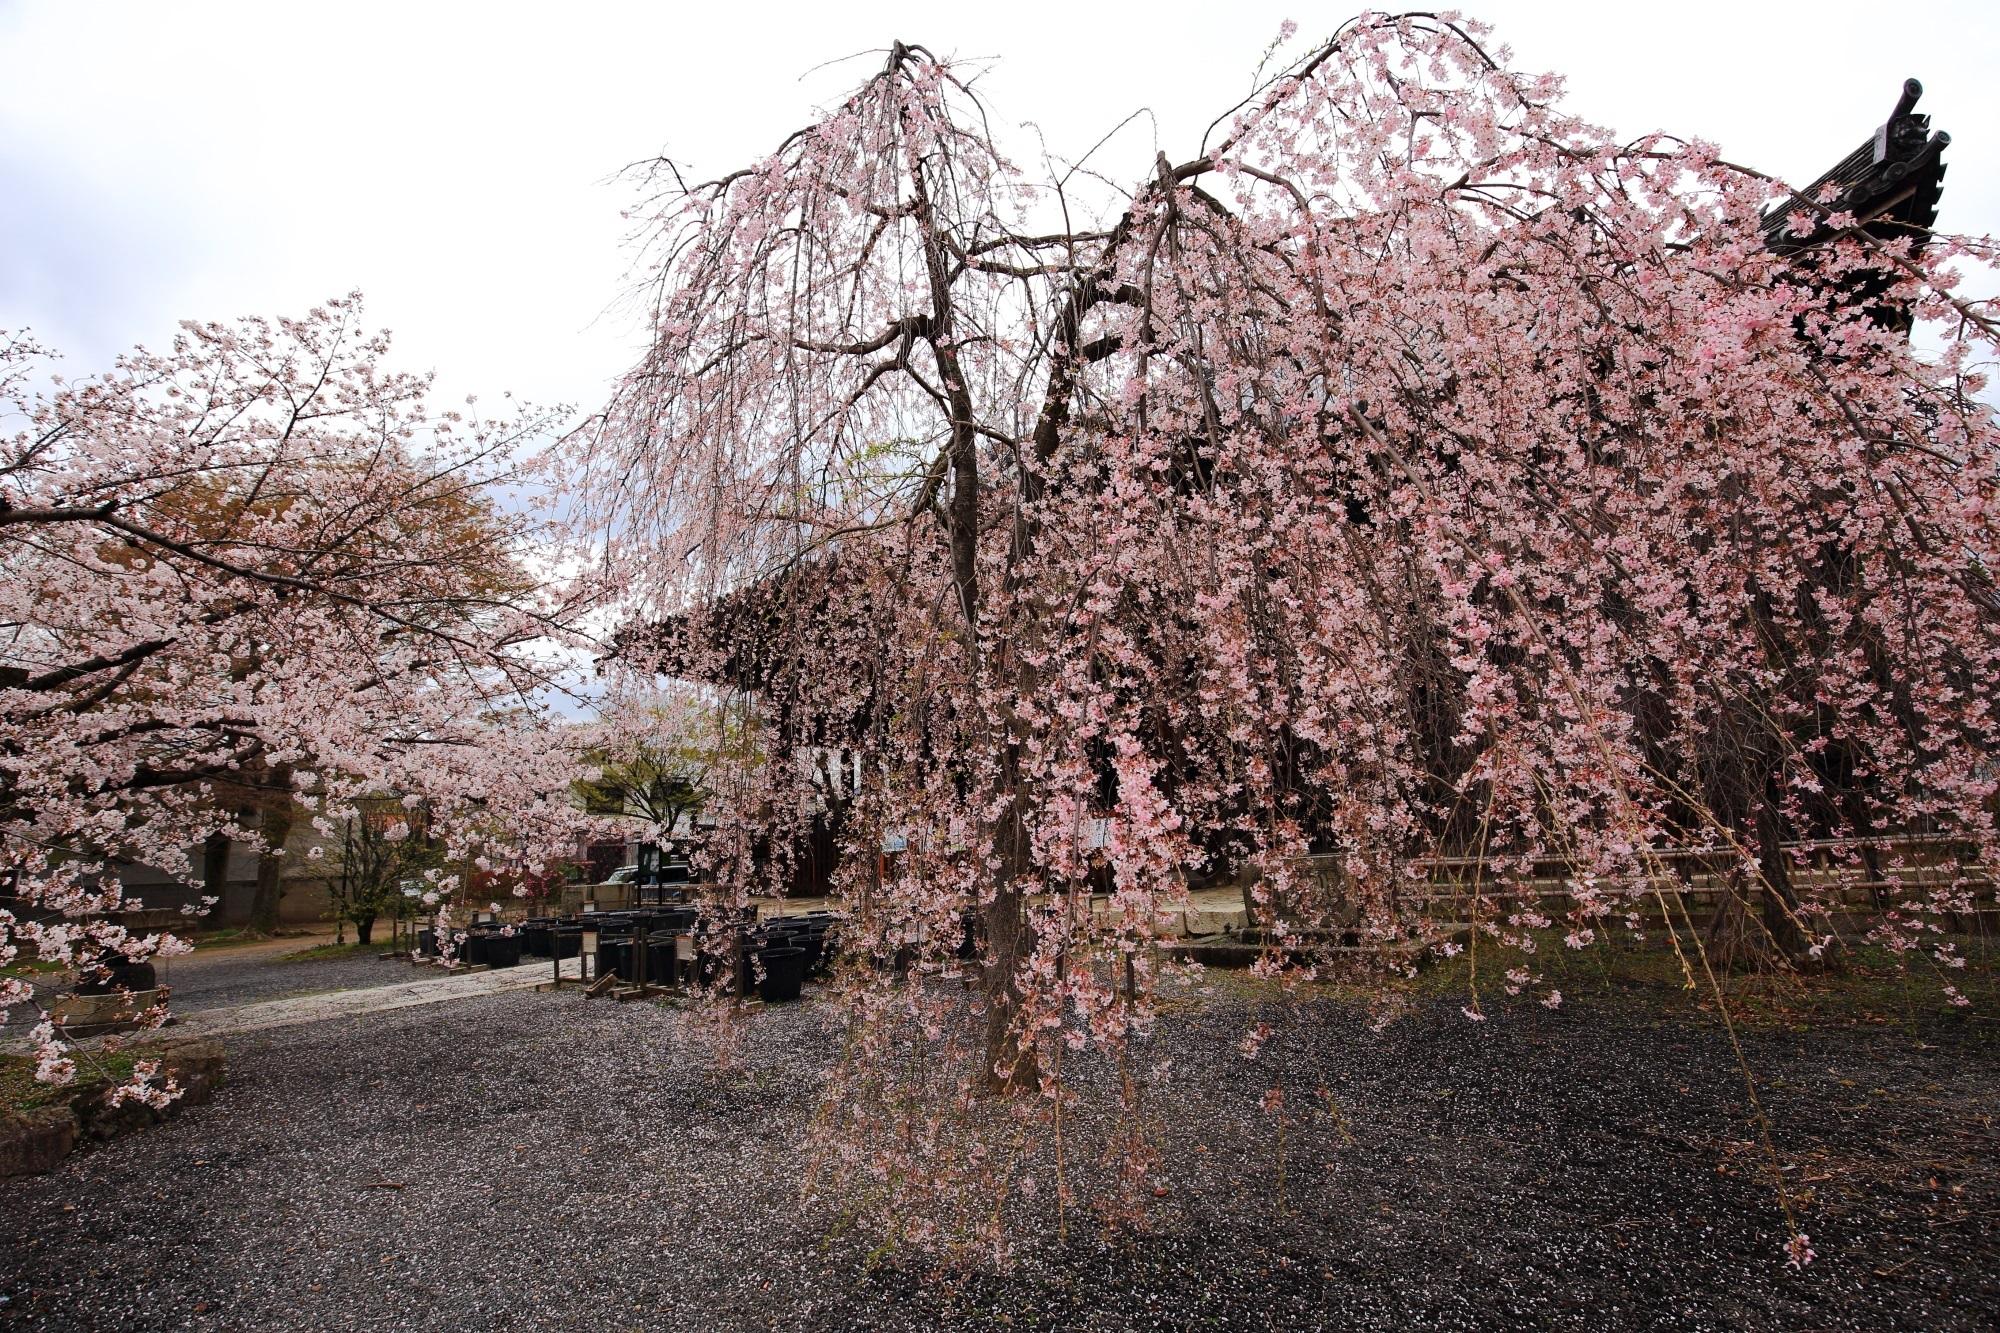 やや終盤に差し掛かかる見事なしだれ桜